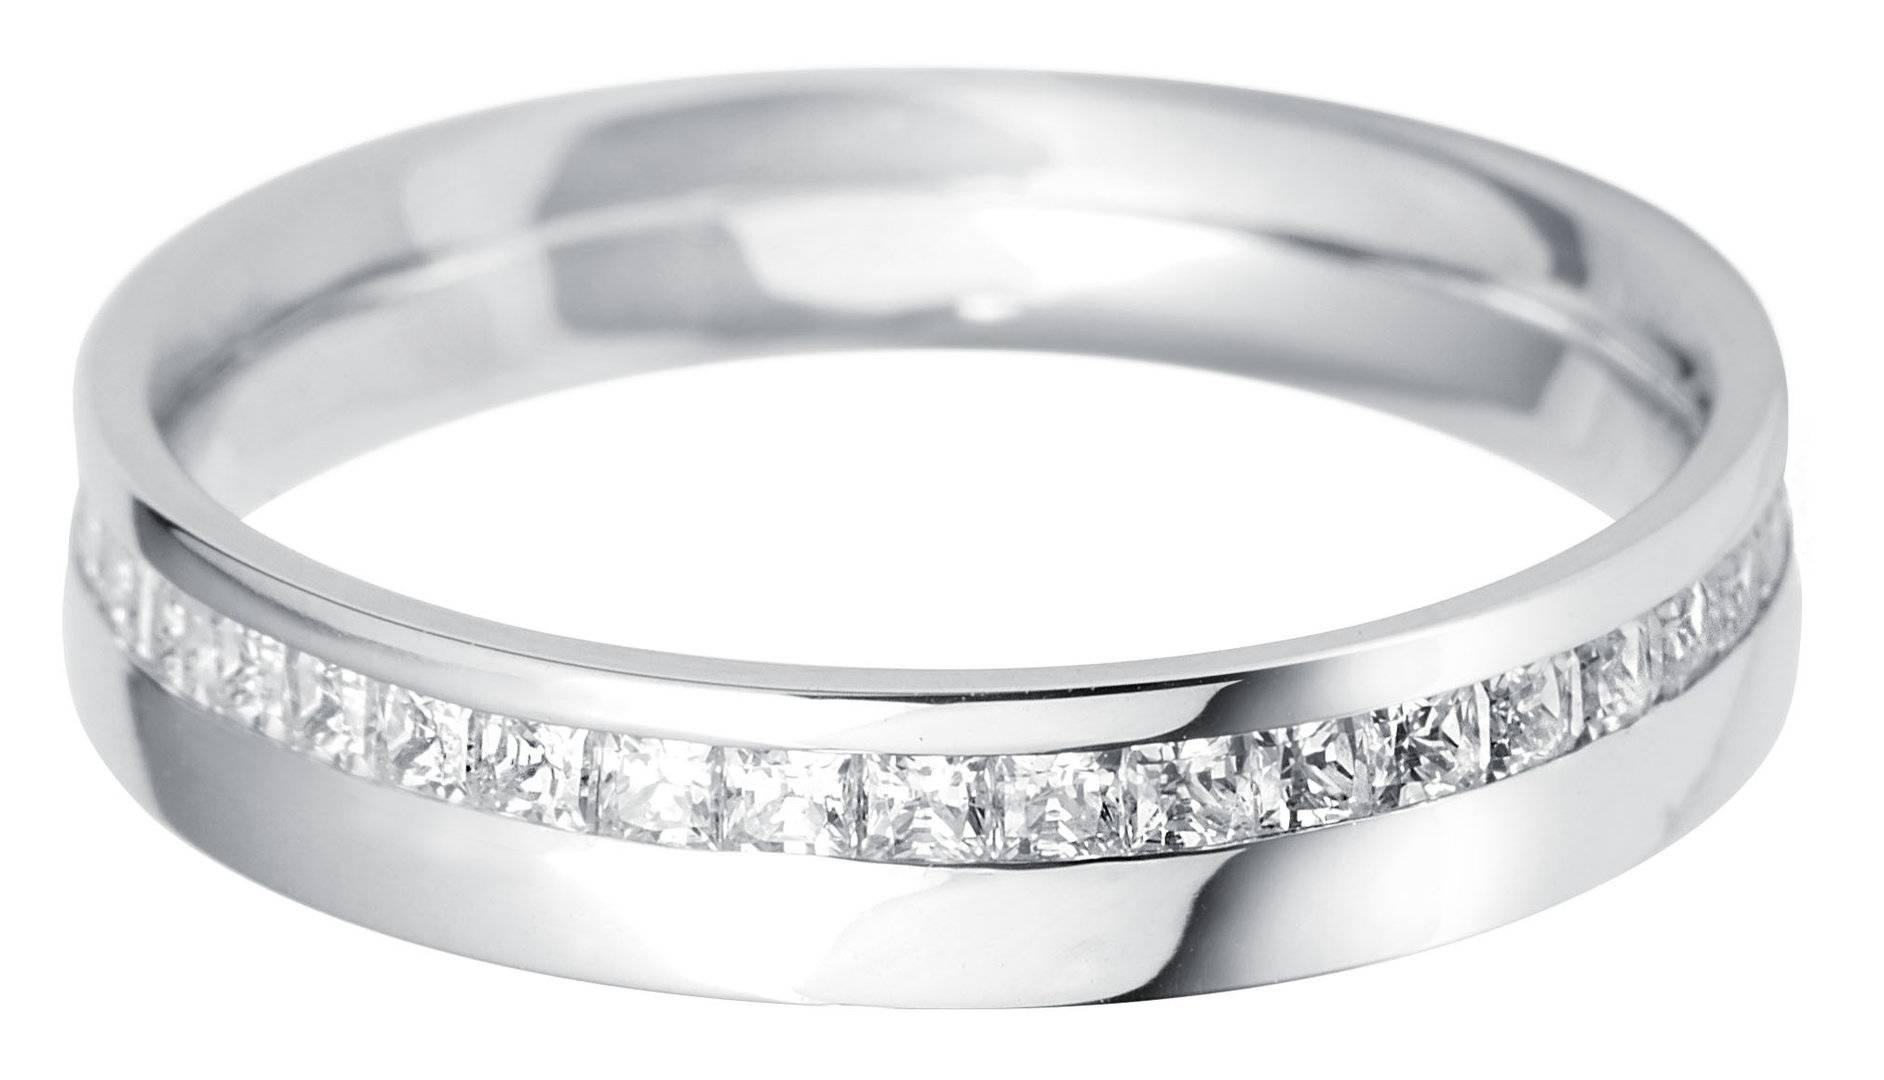 Engagement Rings Wedding Rings GIA Diamonds  Steven Stone